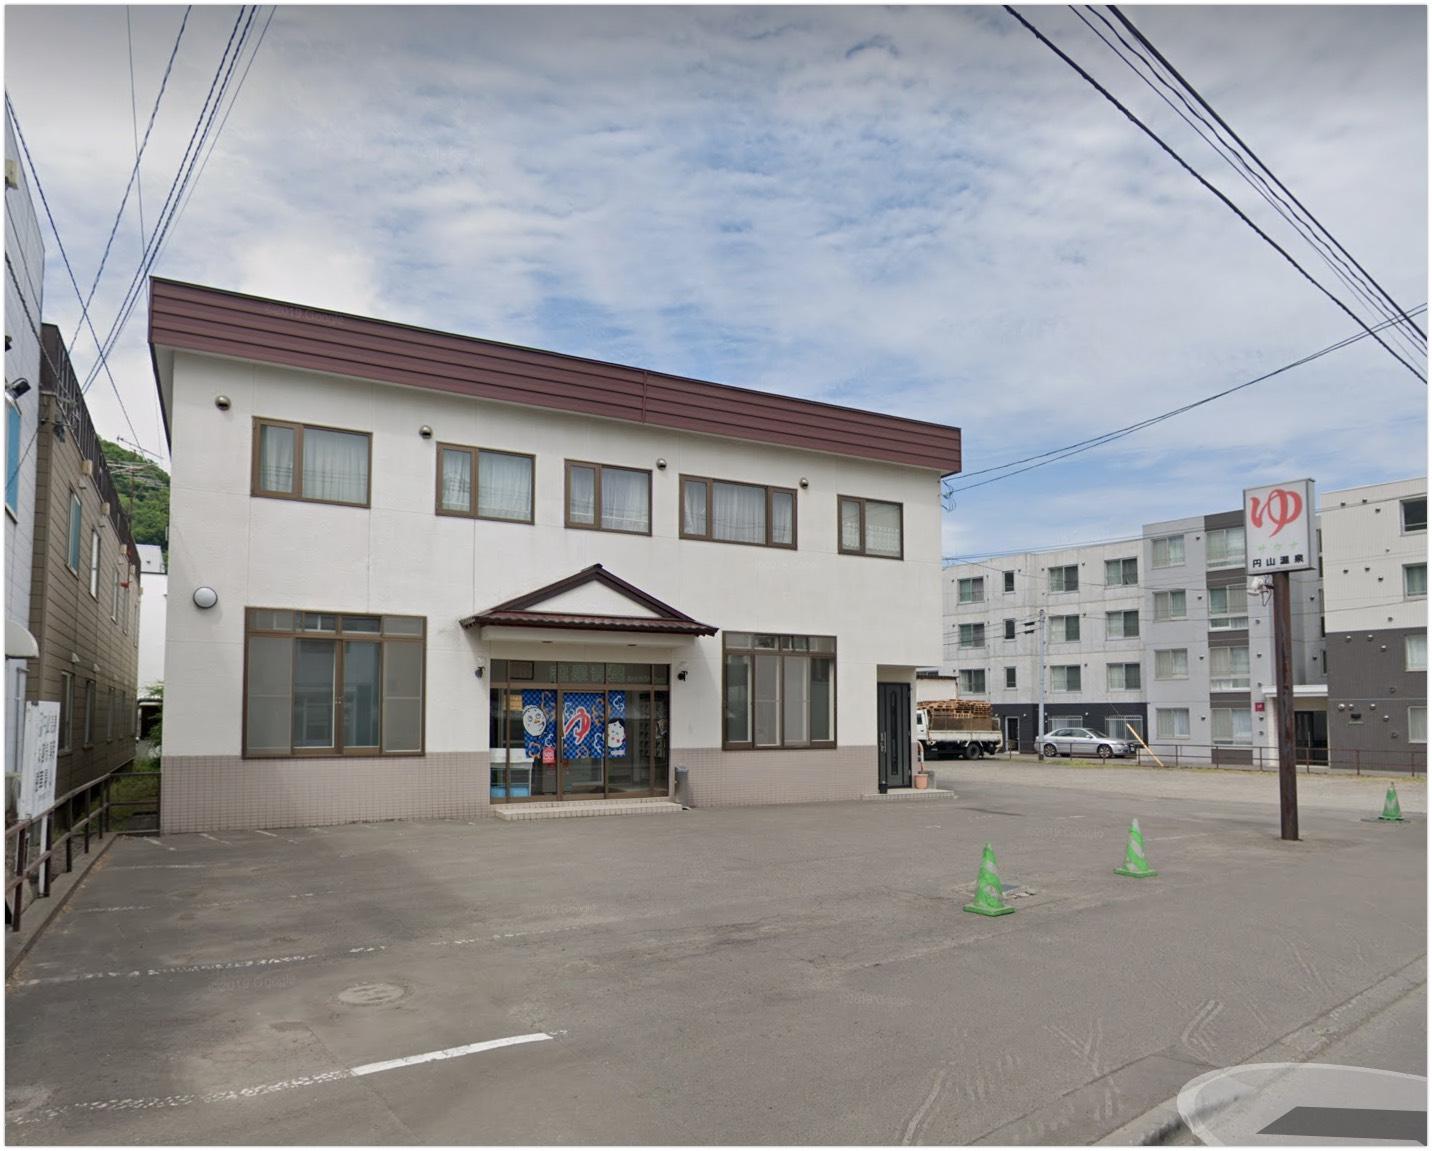 【サウナ活動】円山温泉